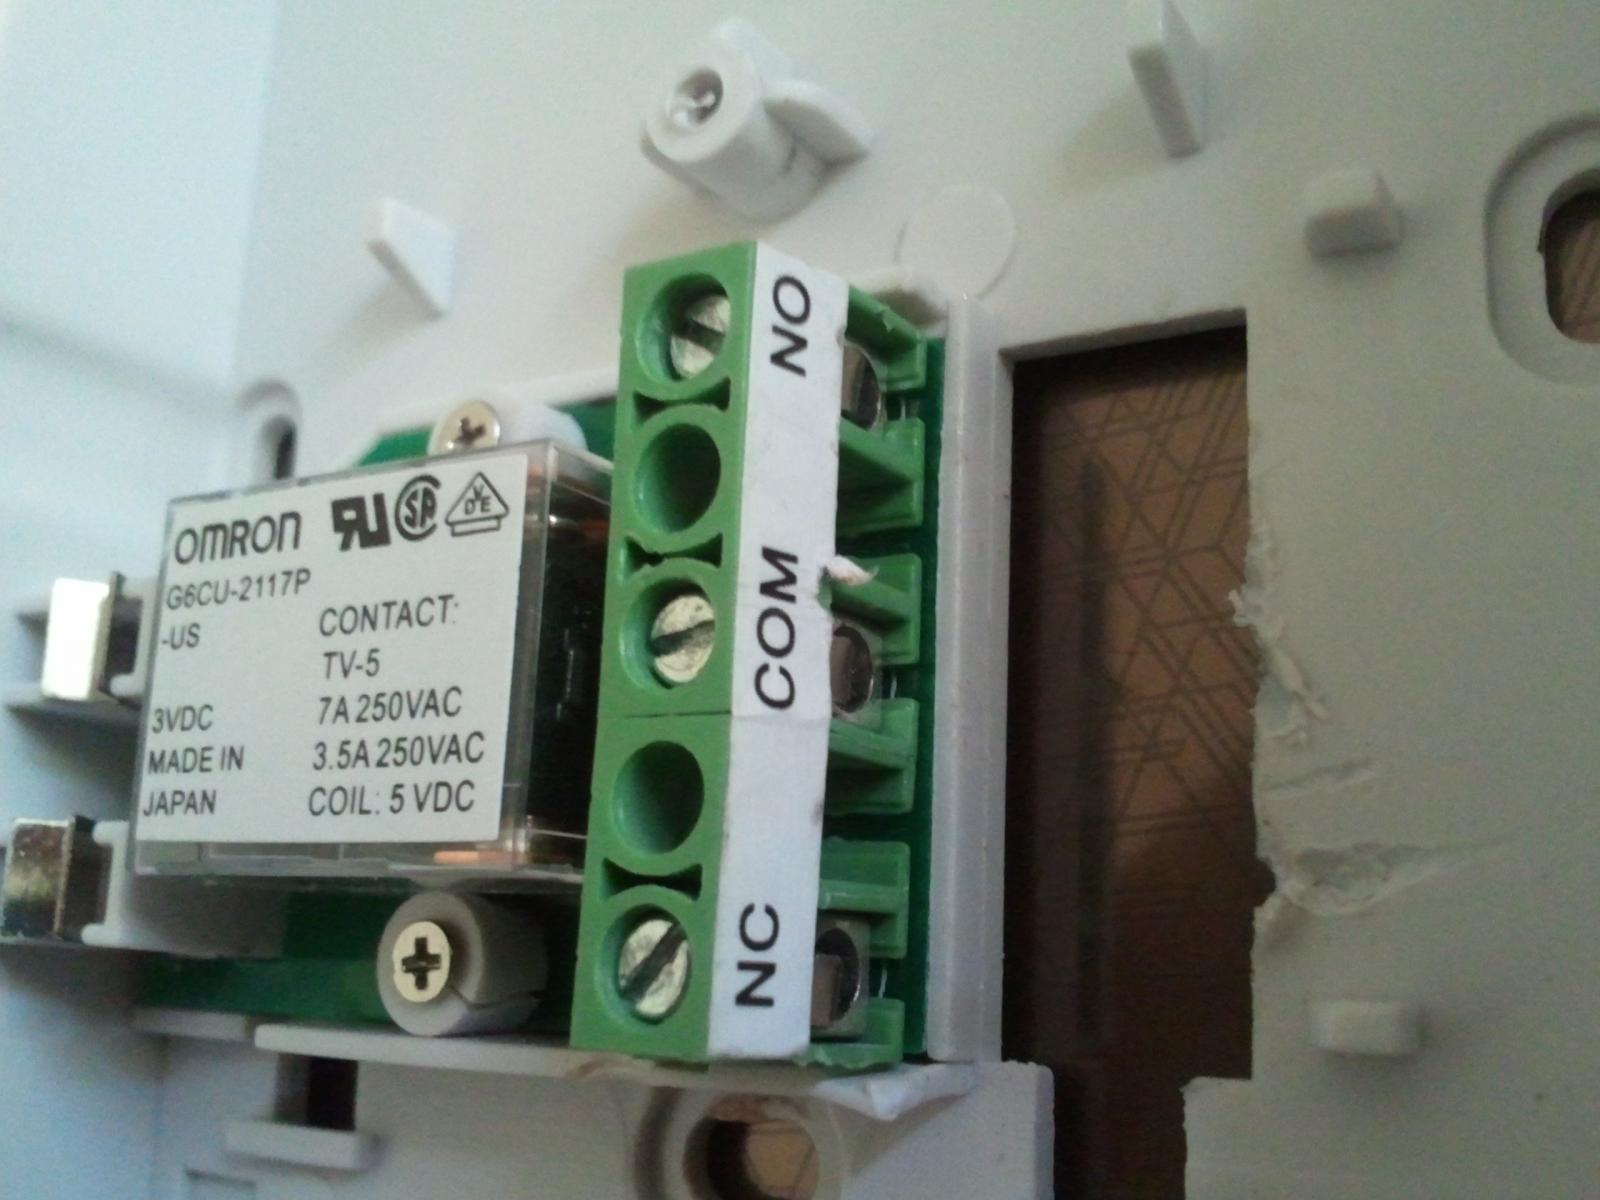 Probl me de thermostat sur chaudi re vaillant turbo tec pro - Probleme thermostat chaudiere ...